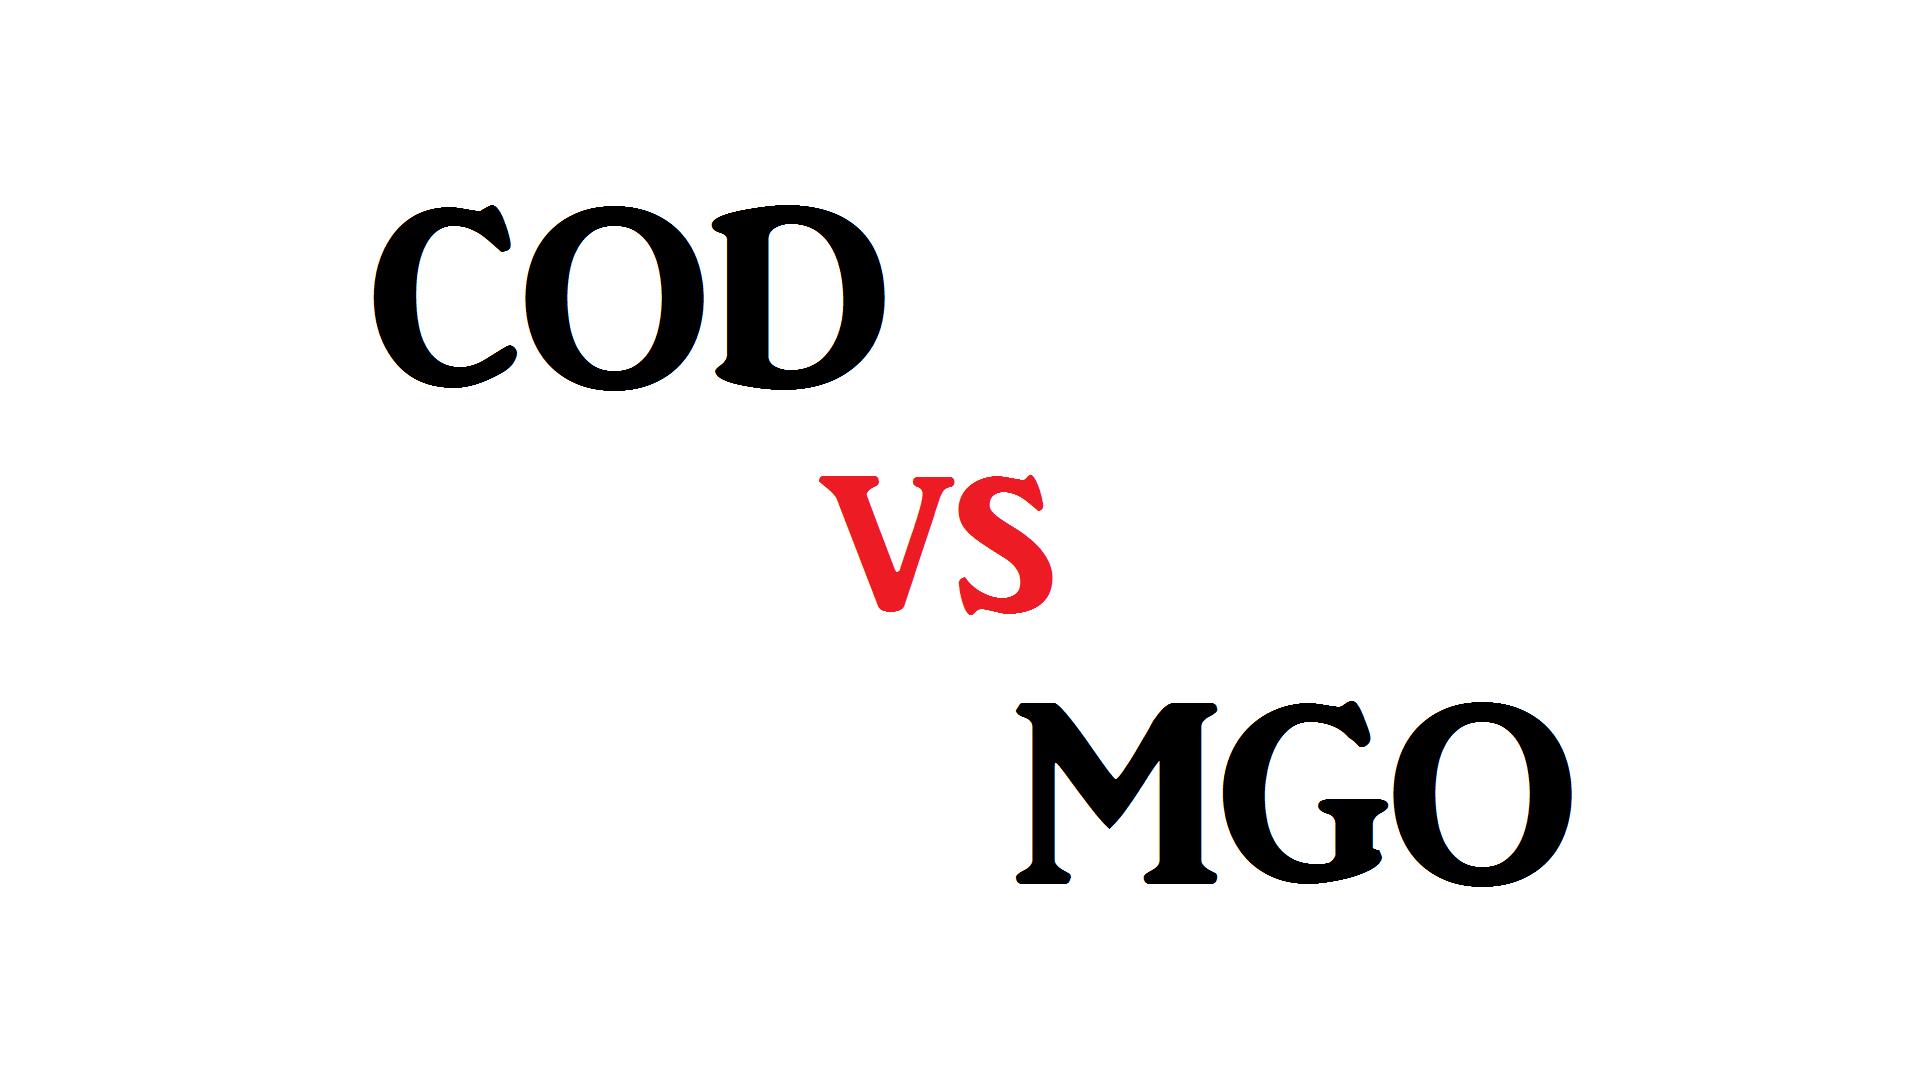 cod_mgo_20151219